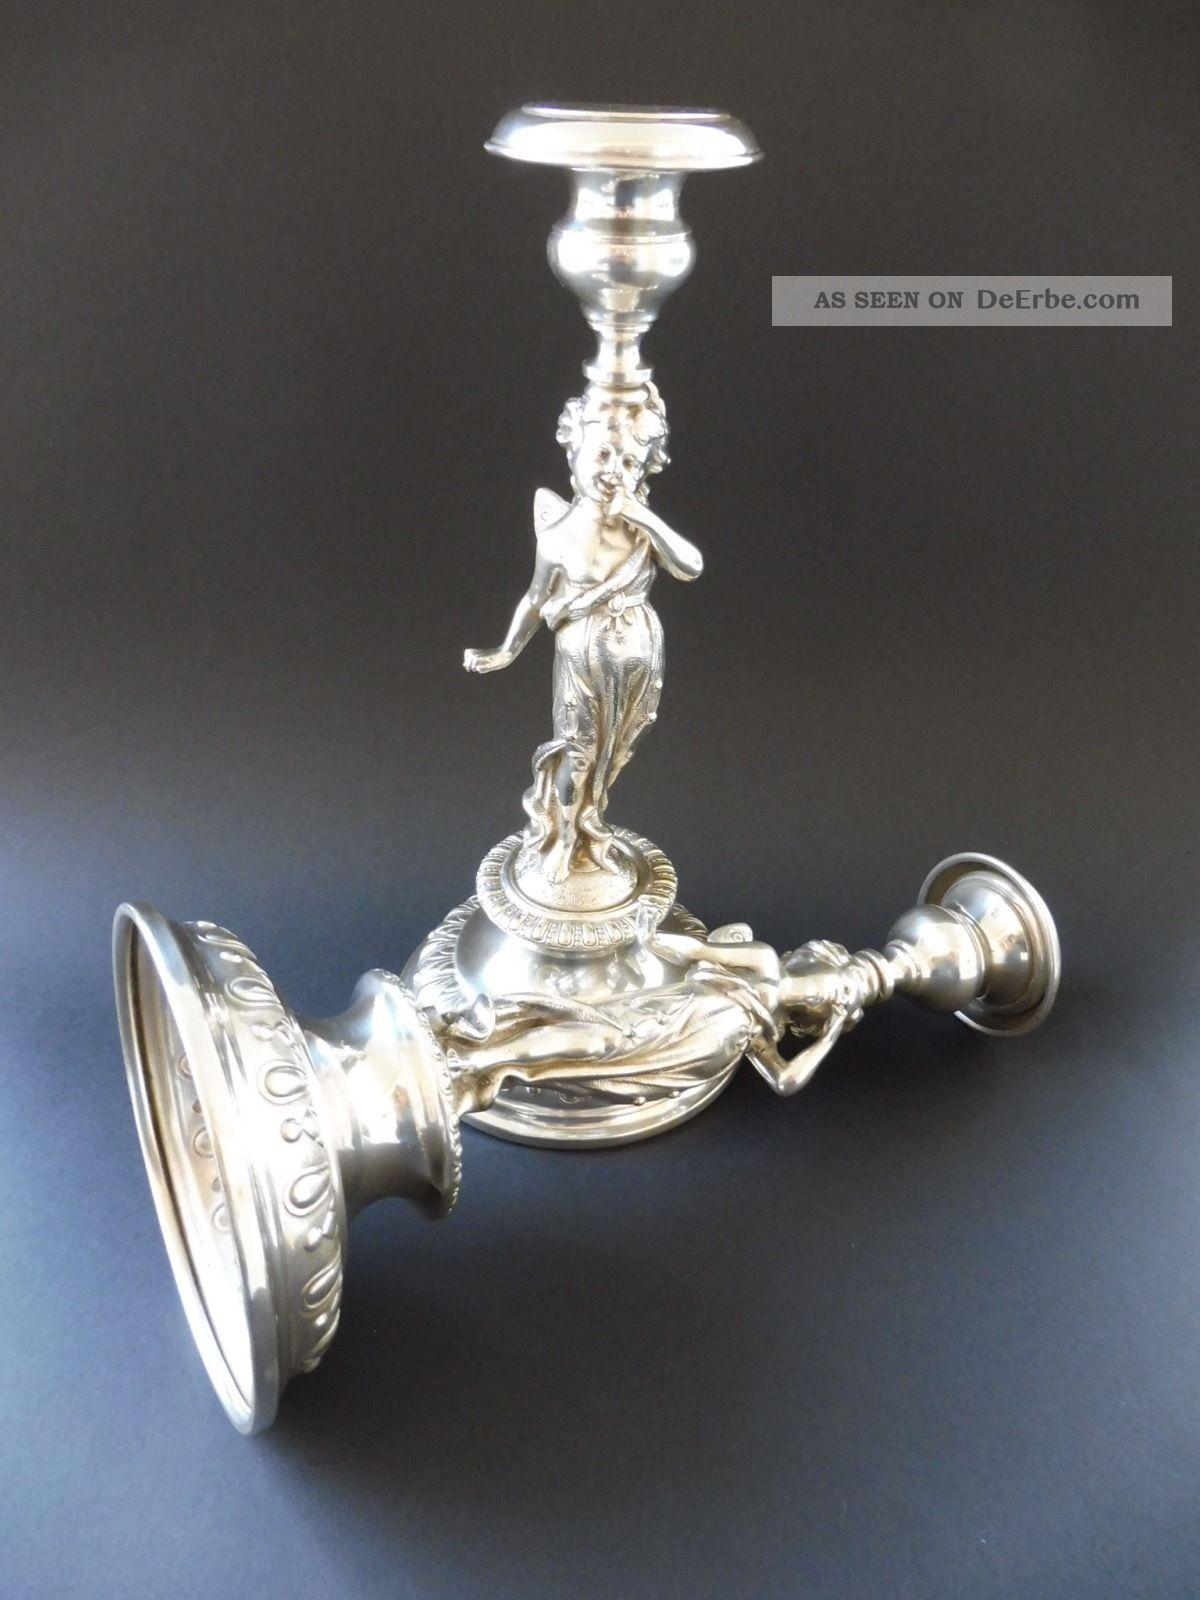 :: Paar Jugendstil Elfe Leuchter Elf Maiden Art Nouveau Candlestick Ichzenthaler 1890-1919, Jugendstil Bild